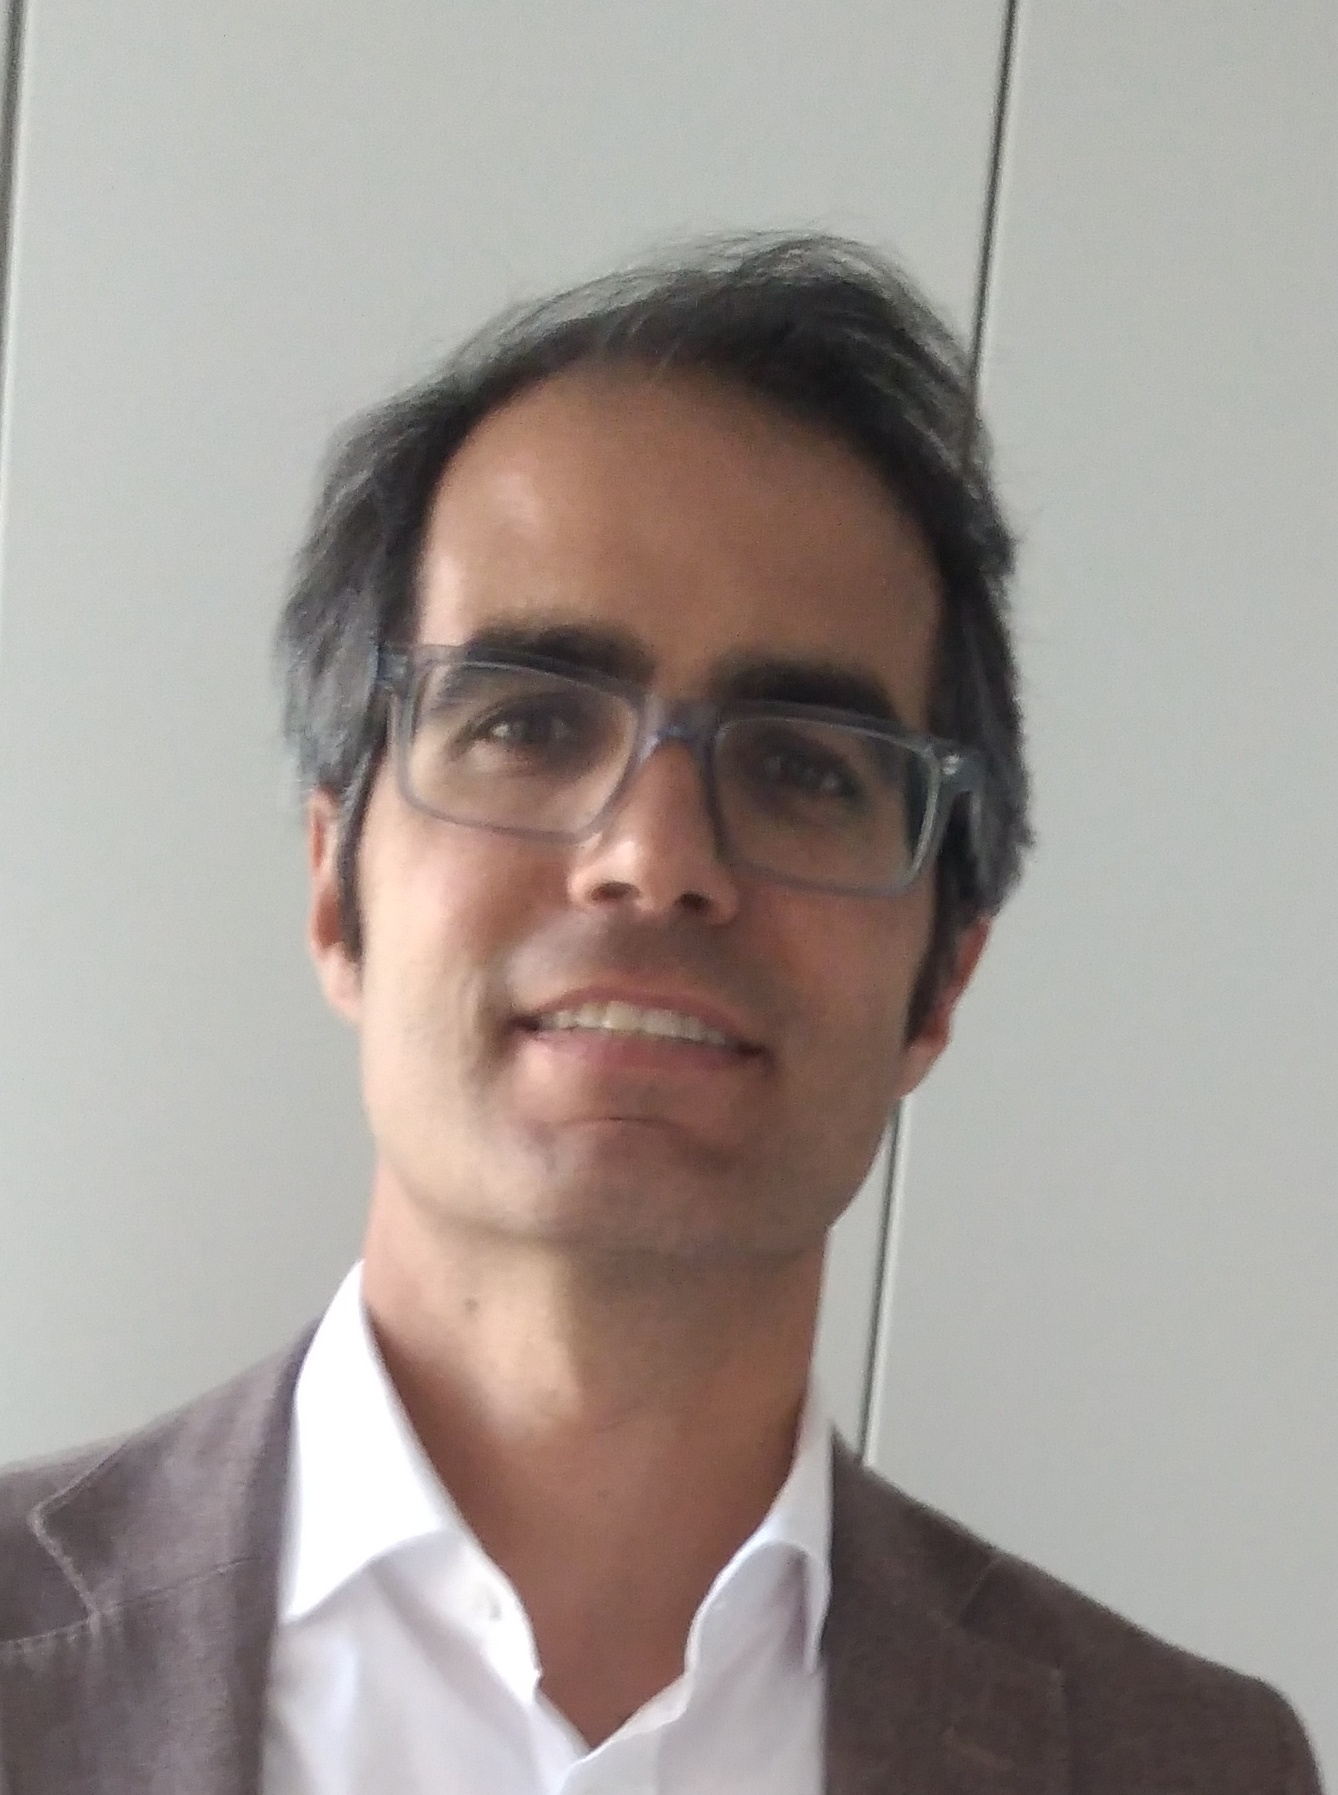 Jaime Rodríguez-Ramos Fernández